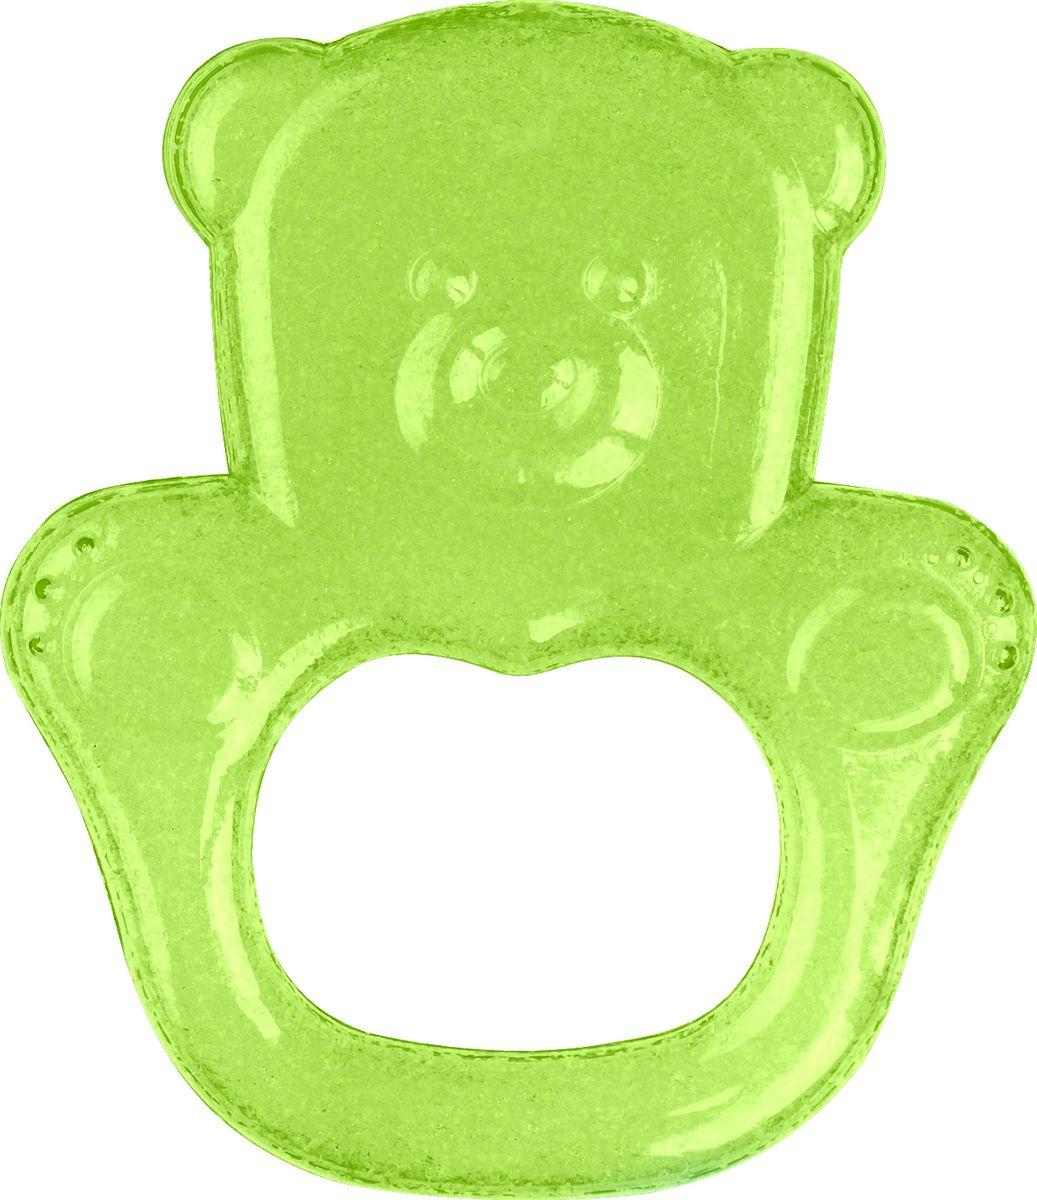 BabyOno Прорезыватель Мишка цвет зеленый погремушки babyono прорезыватель коралл